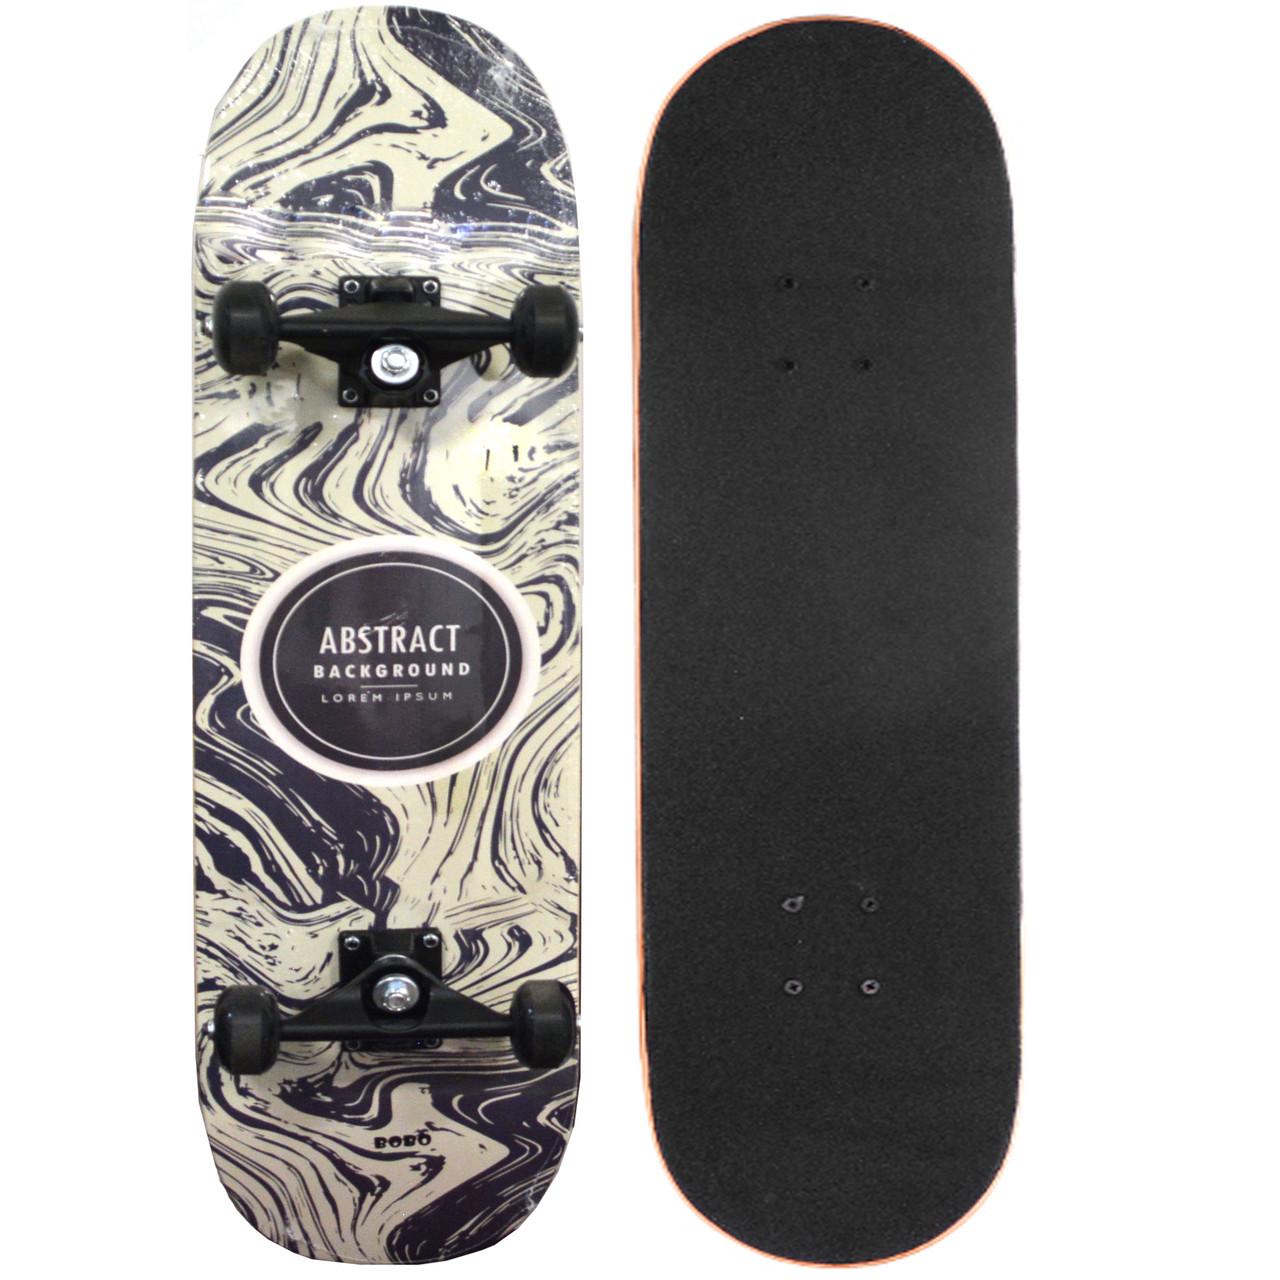 Скейтборды подростковые с узором в нижней части деки 79х20 см BOBO с абстрактным рисунком - фото 1